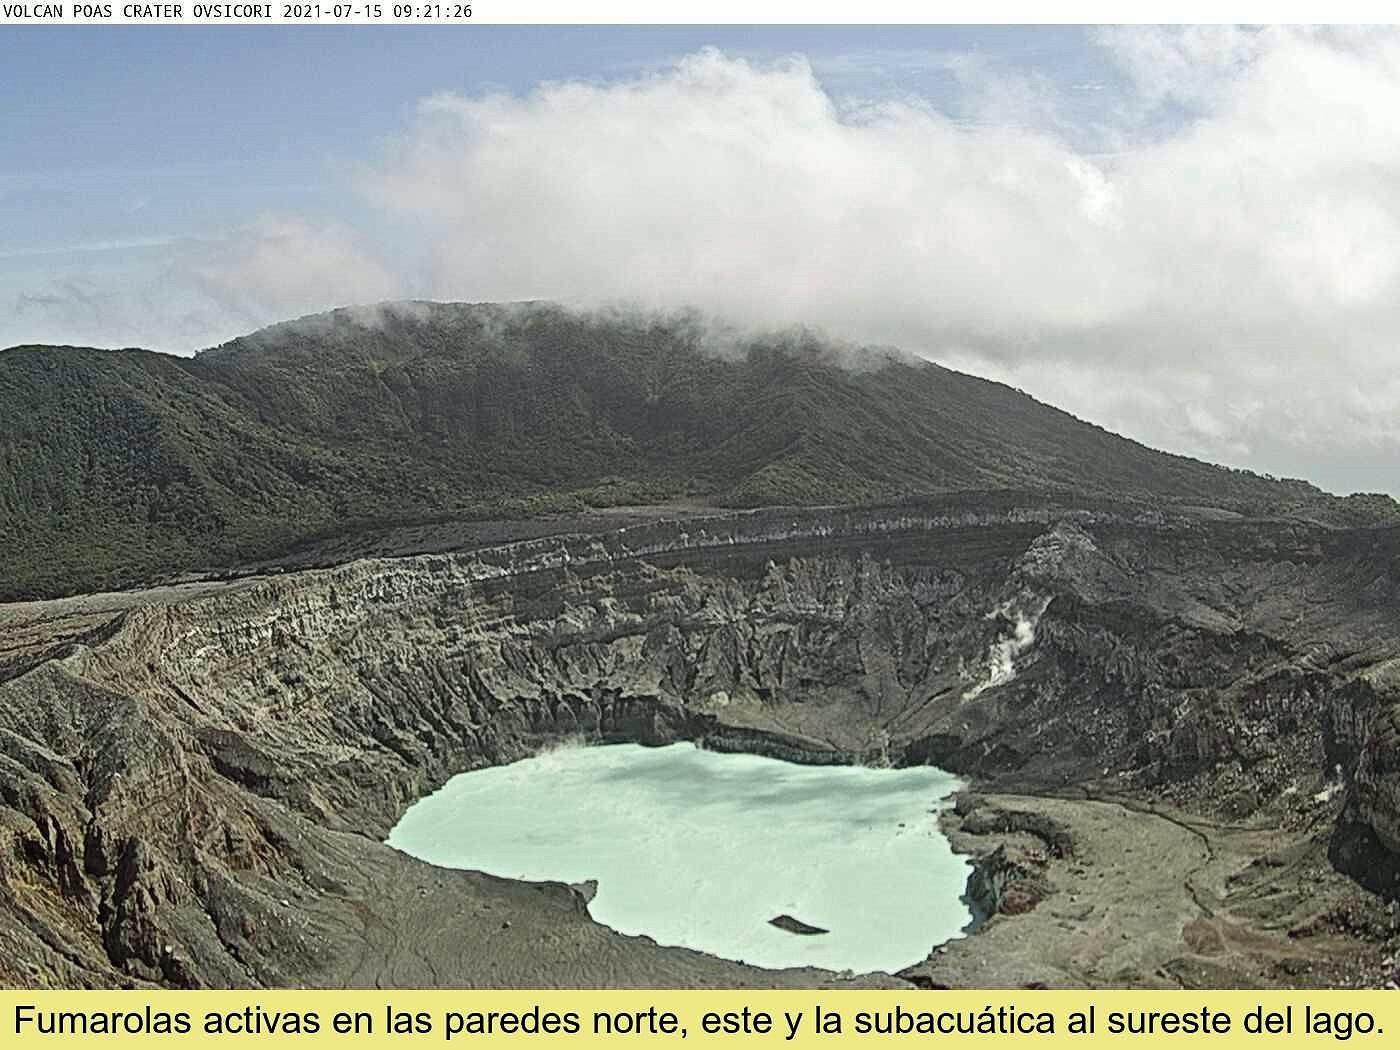 Poas - fumerole sur la paroi interne nord du cratère le 15.07.2021 - webcam Ovsicori